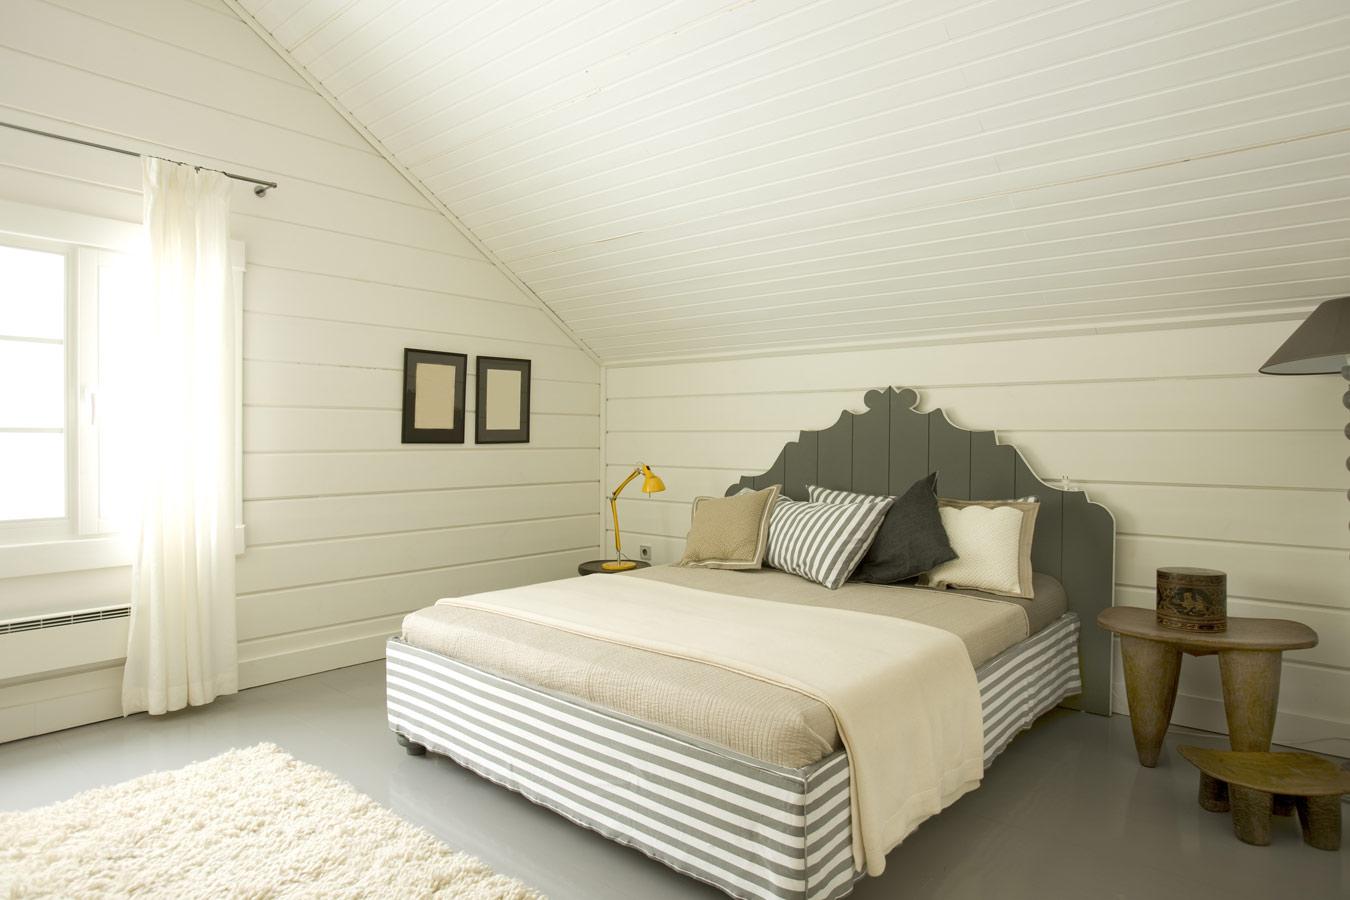 Landelijke slaapkamer Ideen  inspiratie